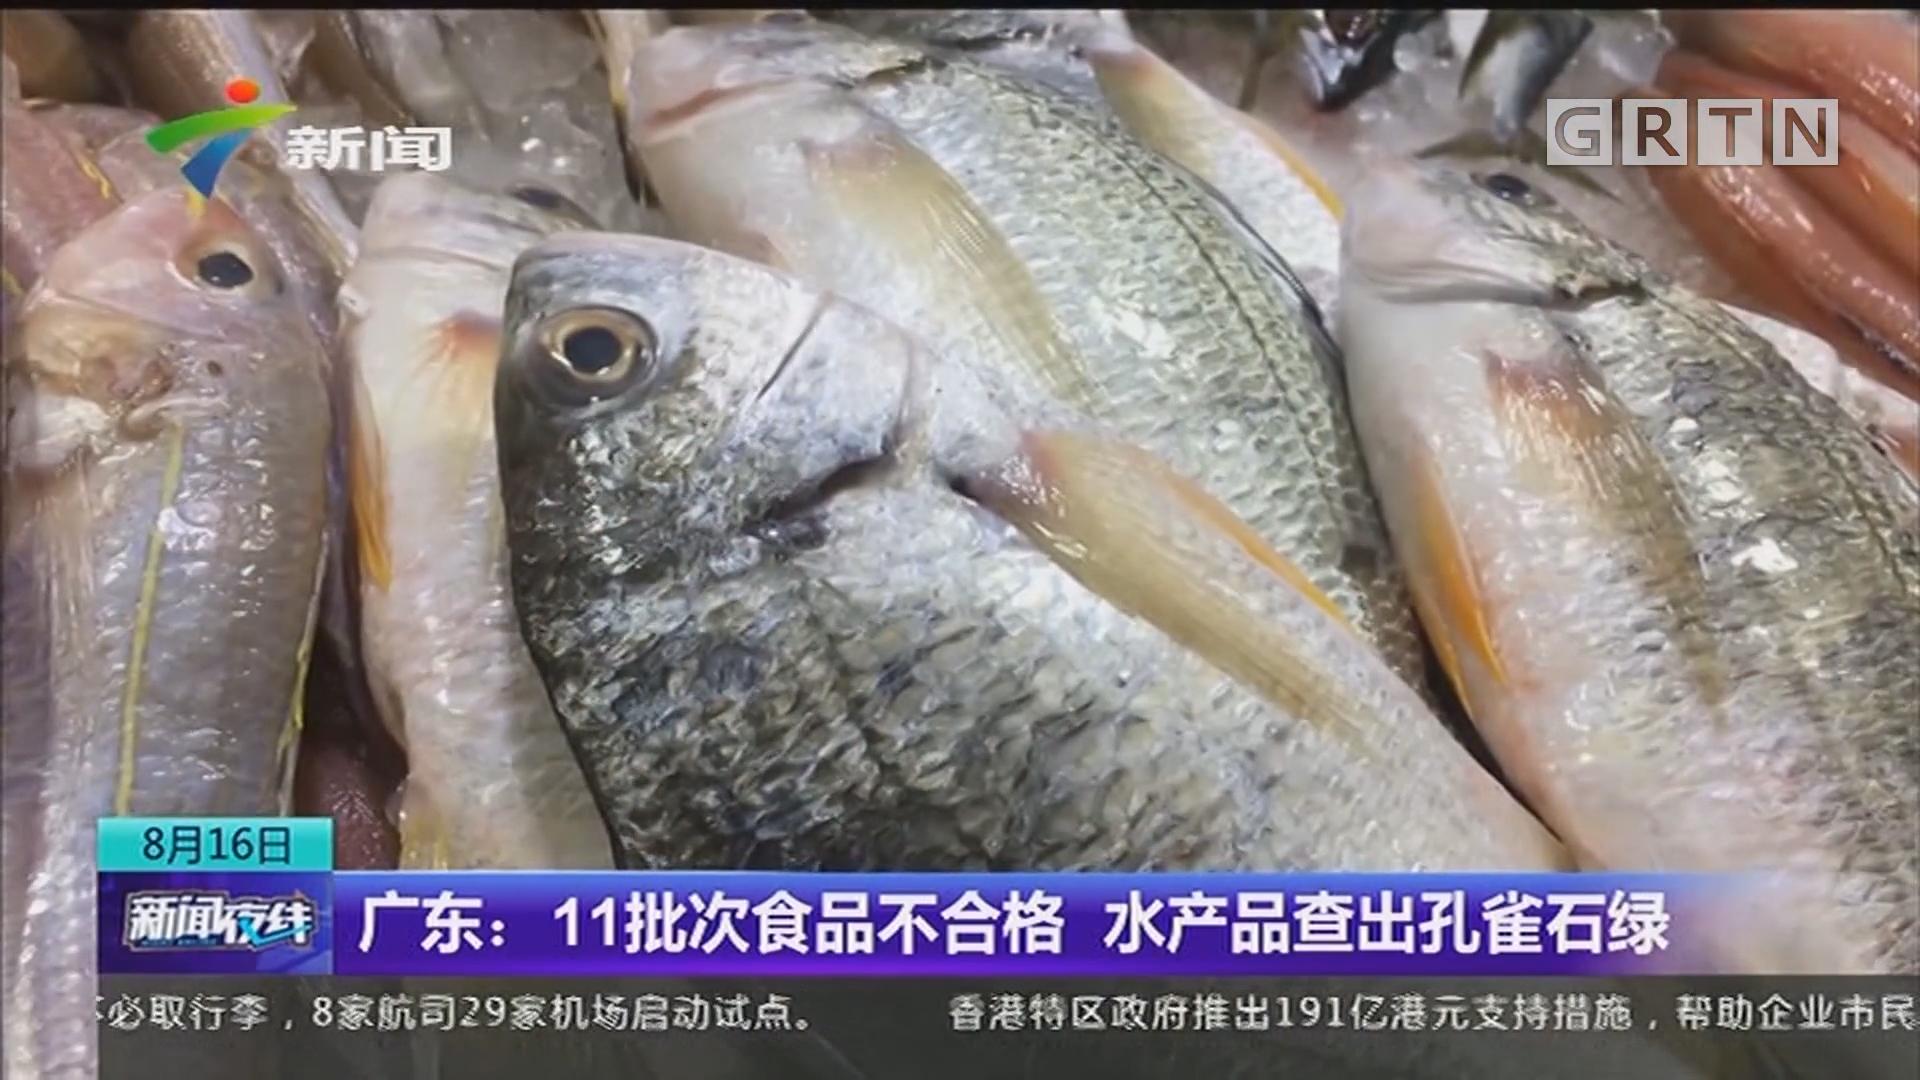 广东:11批次食品不合格 水产品查出孔雀石绿